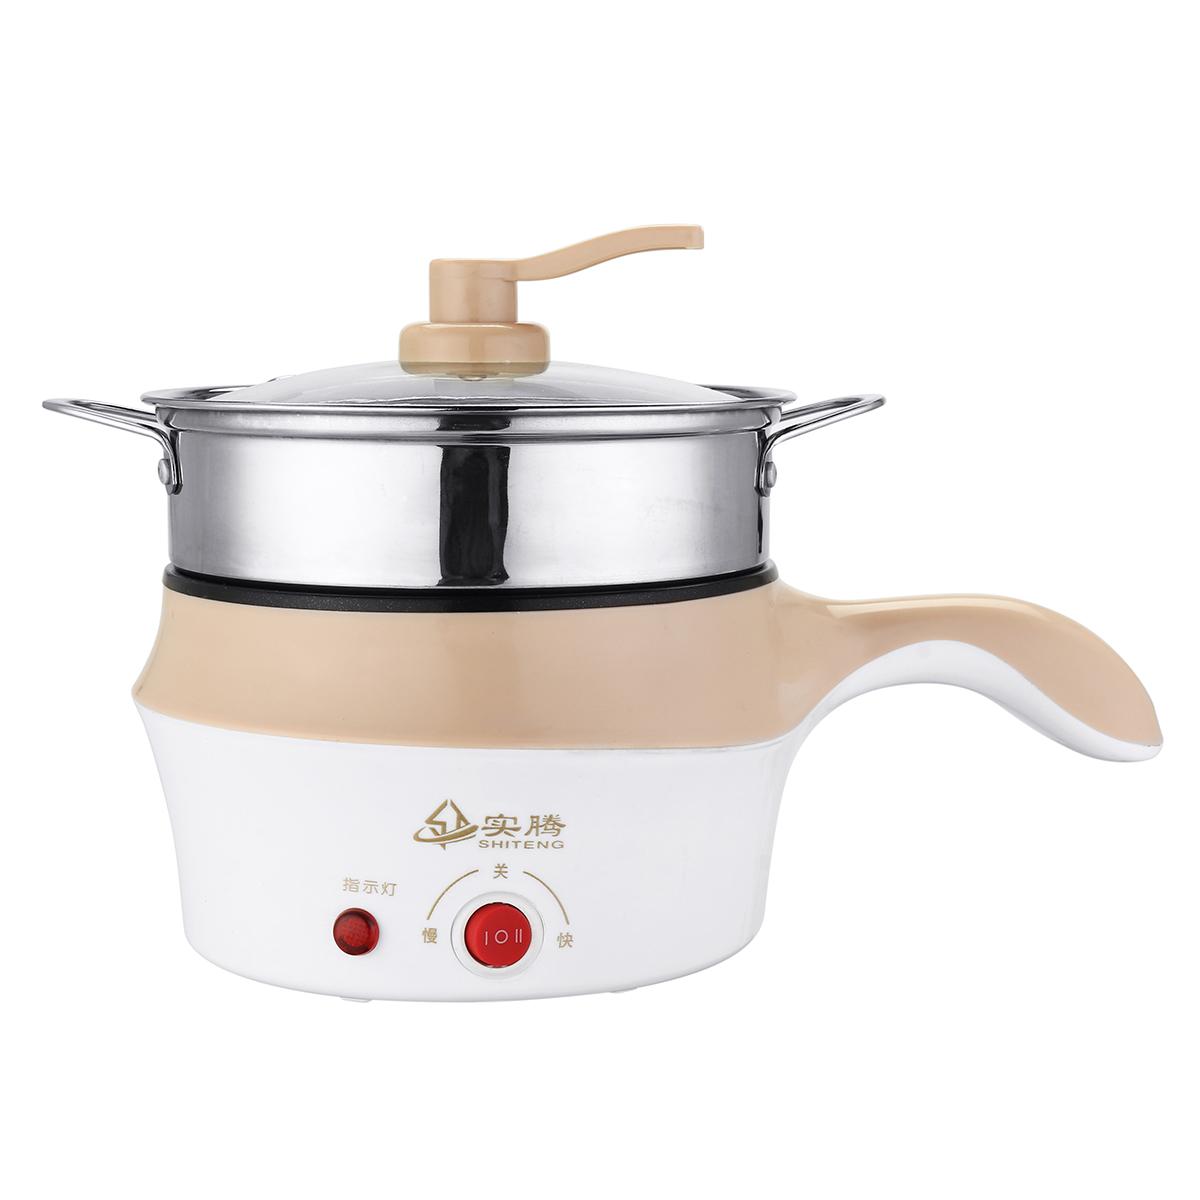 1.8LДвухслойнаянержавеющаястальМини-электрическийгоршок с плитой Кулинария Fry Stew